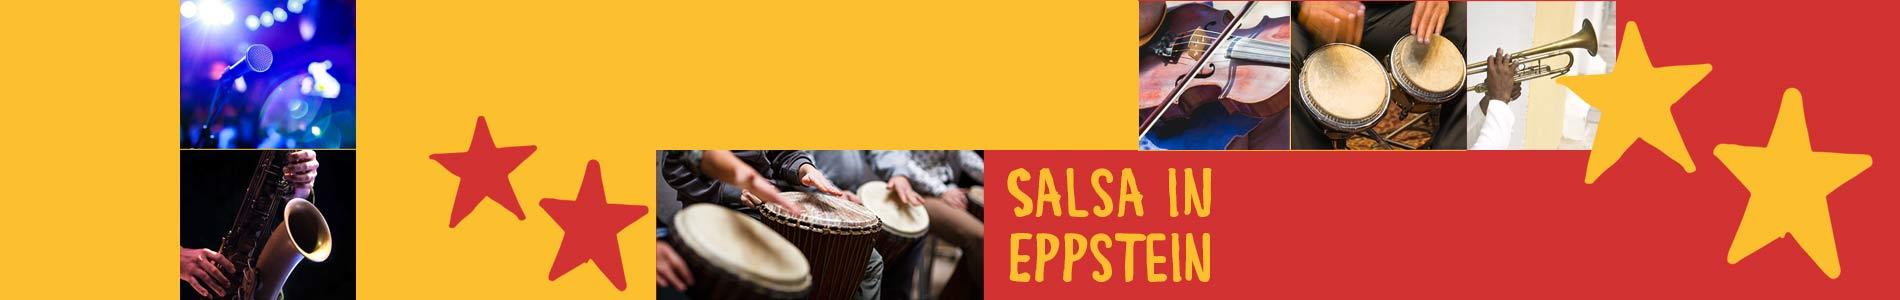 Salsa in Eppstein – Salsa lernen und tanzen, Tanzkurse, Partys, Veranstaltungen